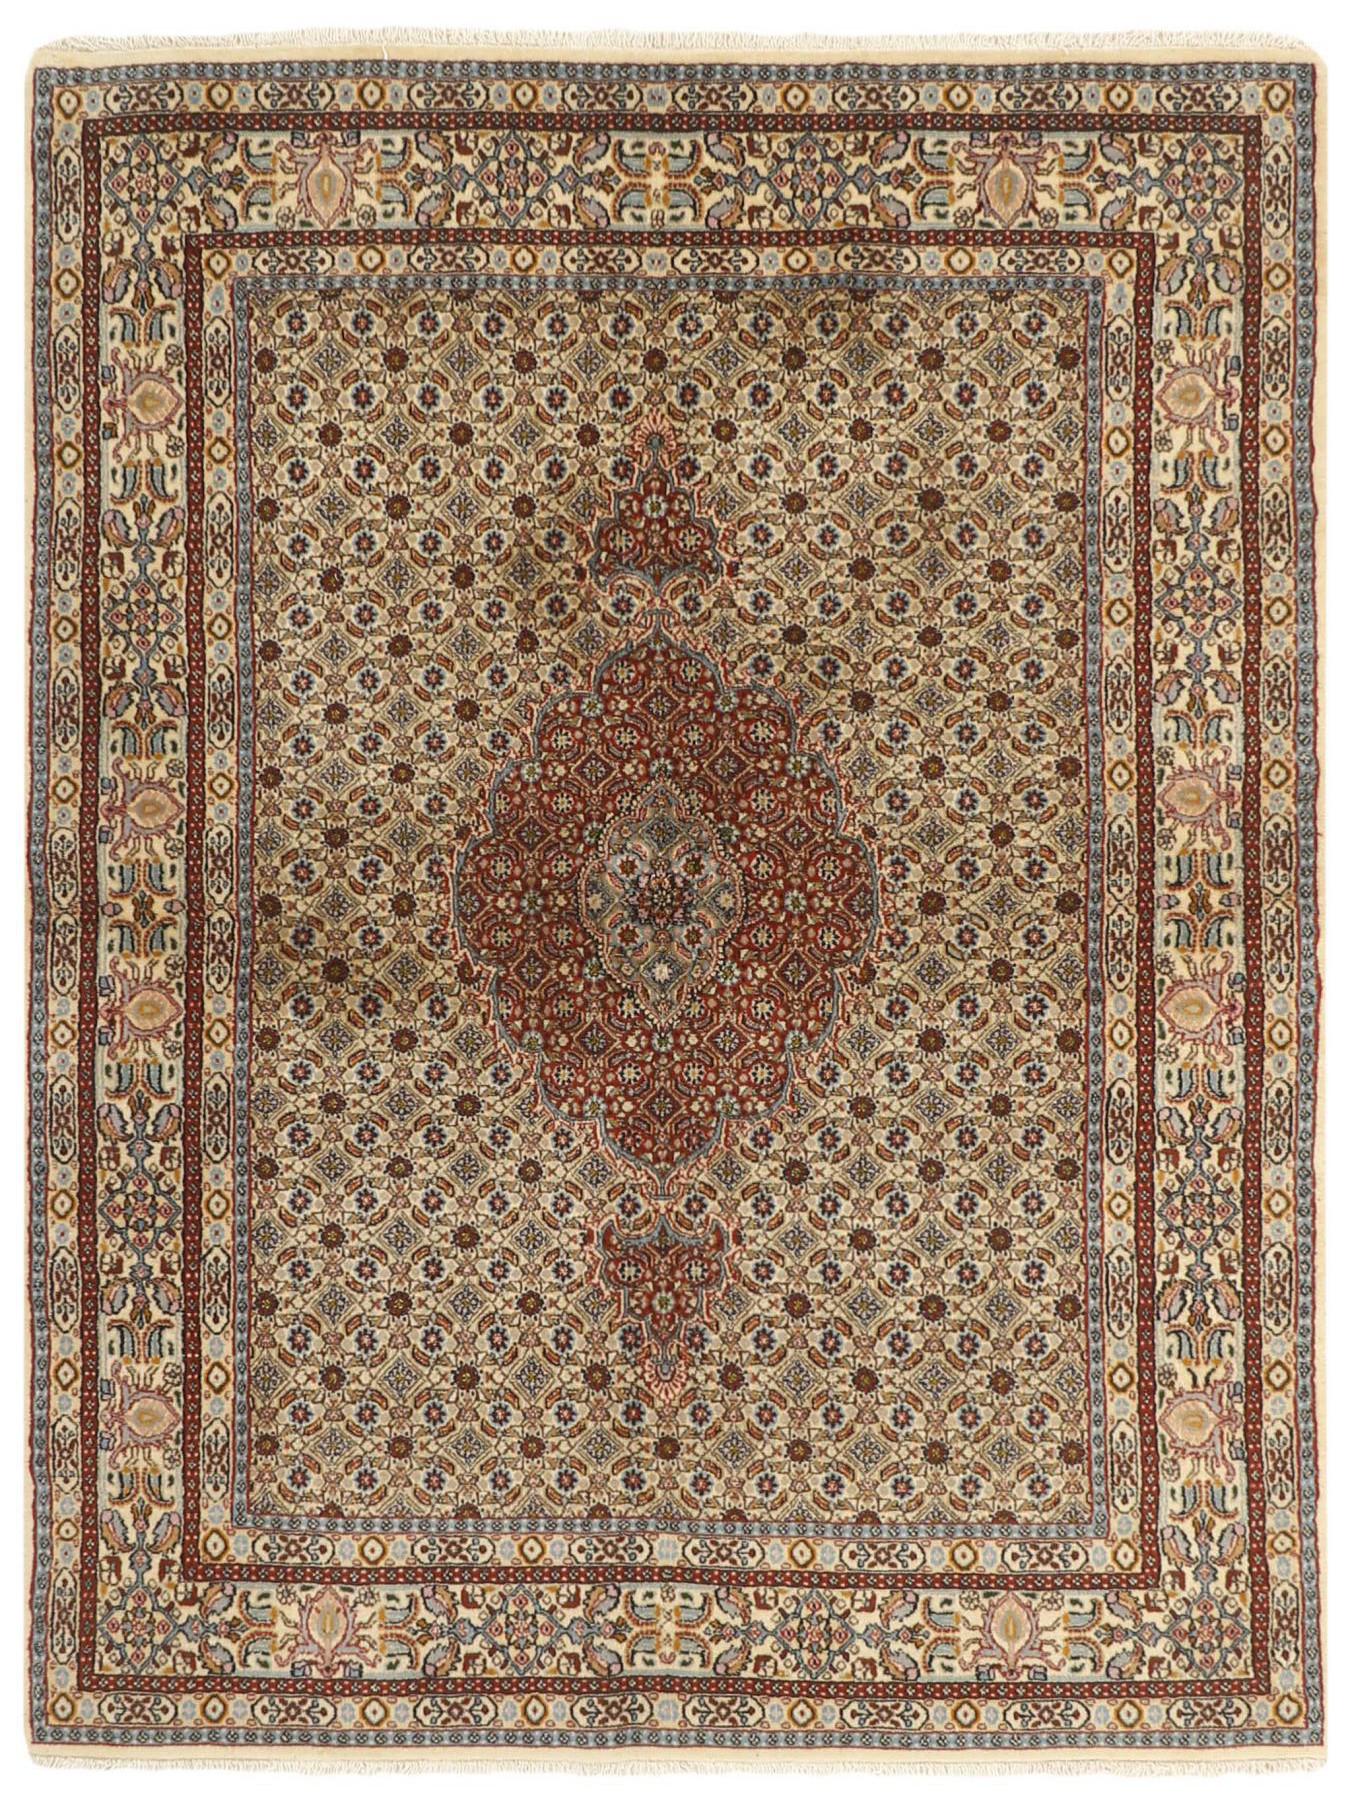 Tapis persans - Moud